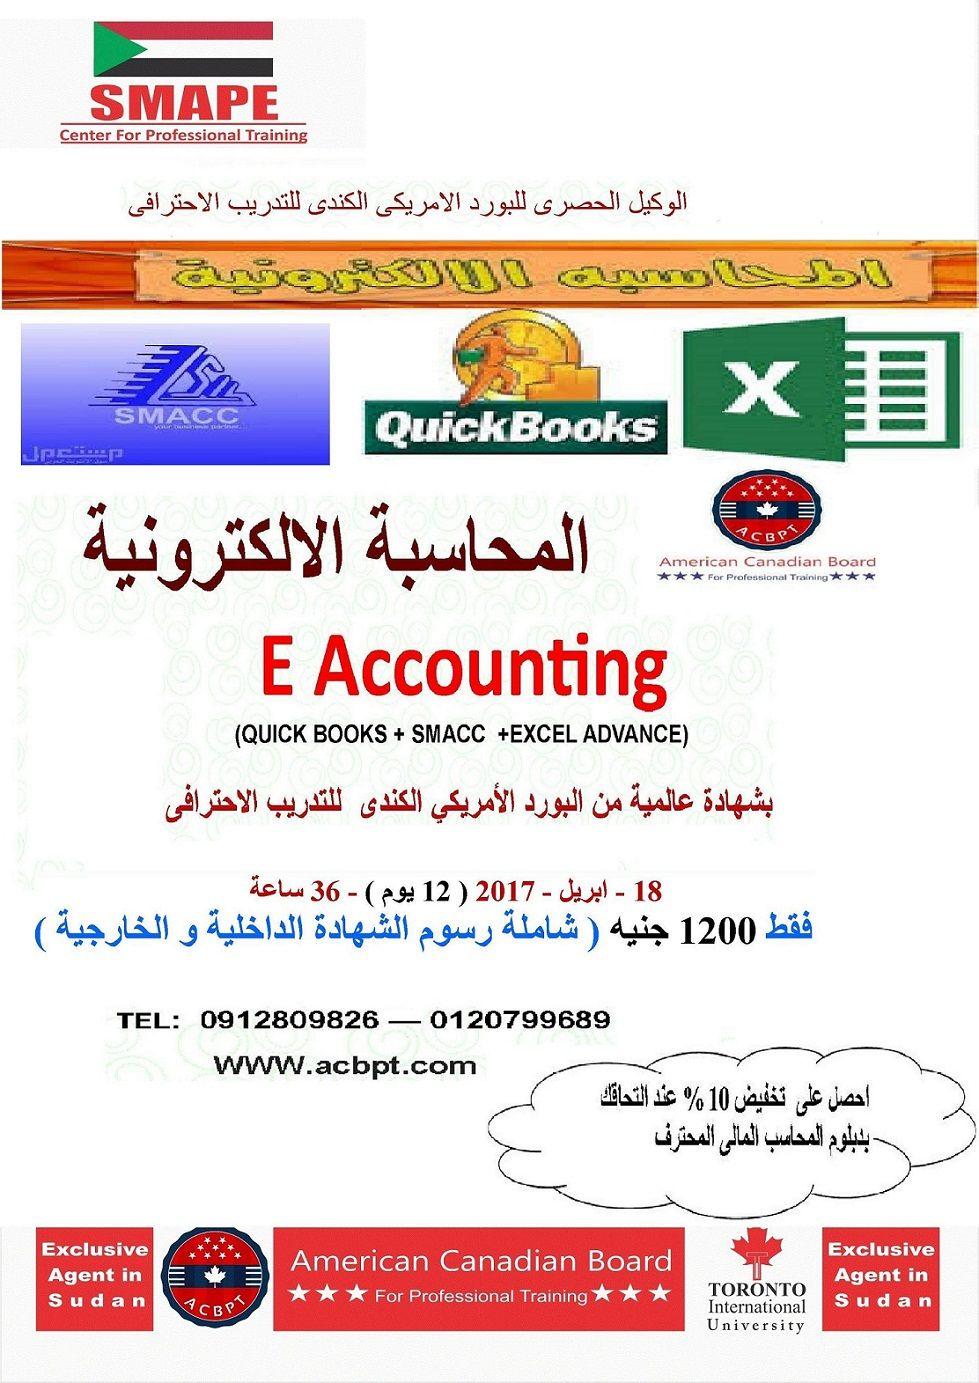 المحاسبة الالكترونية بشهادة عالمية من البورد الأمريكي الكندى للتدريب الاحترافى Accounting Excel Books